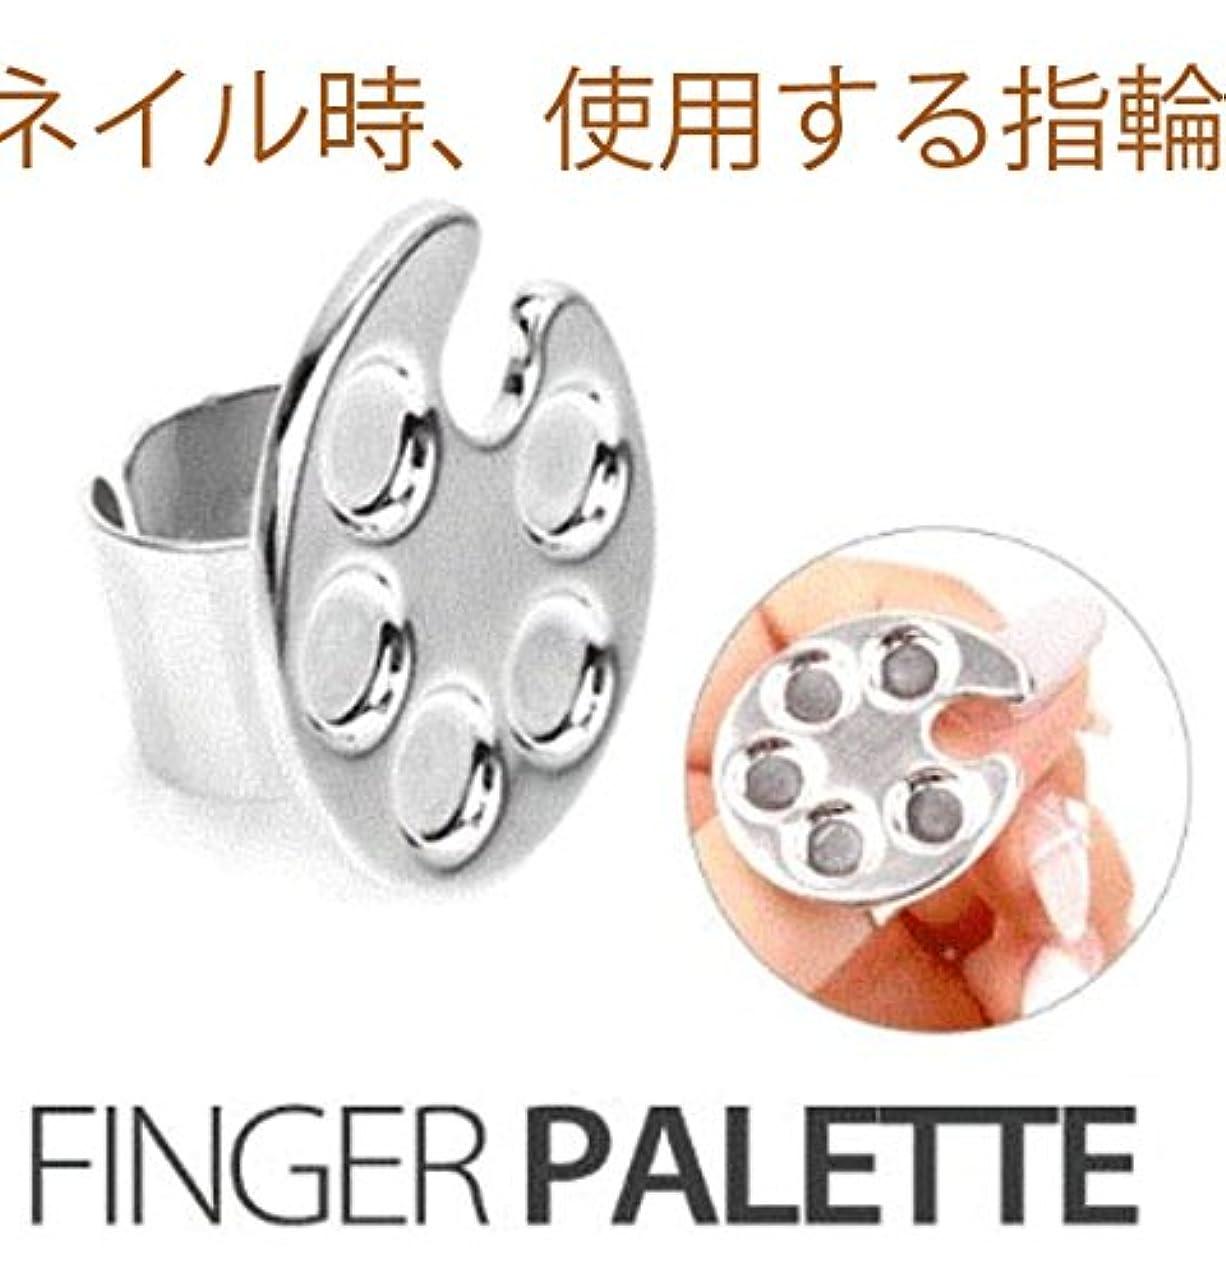 かろうじて拮抗銃ネイルアートが楽になる、、ネイル時、使用する可愛いパレット指輪